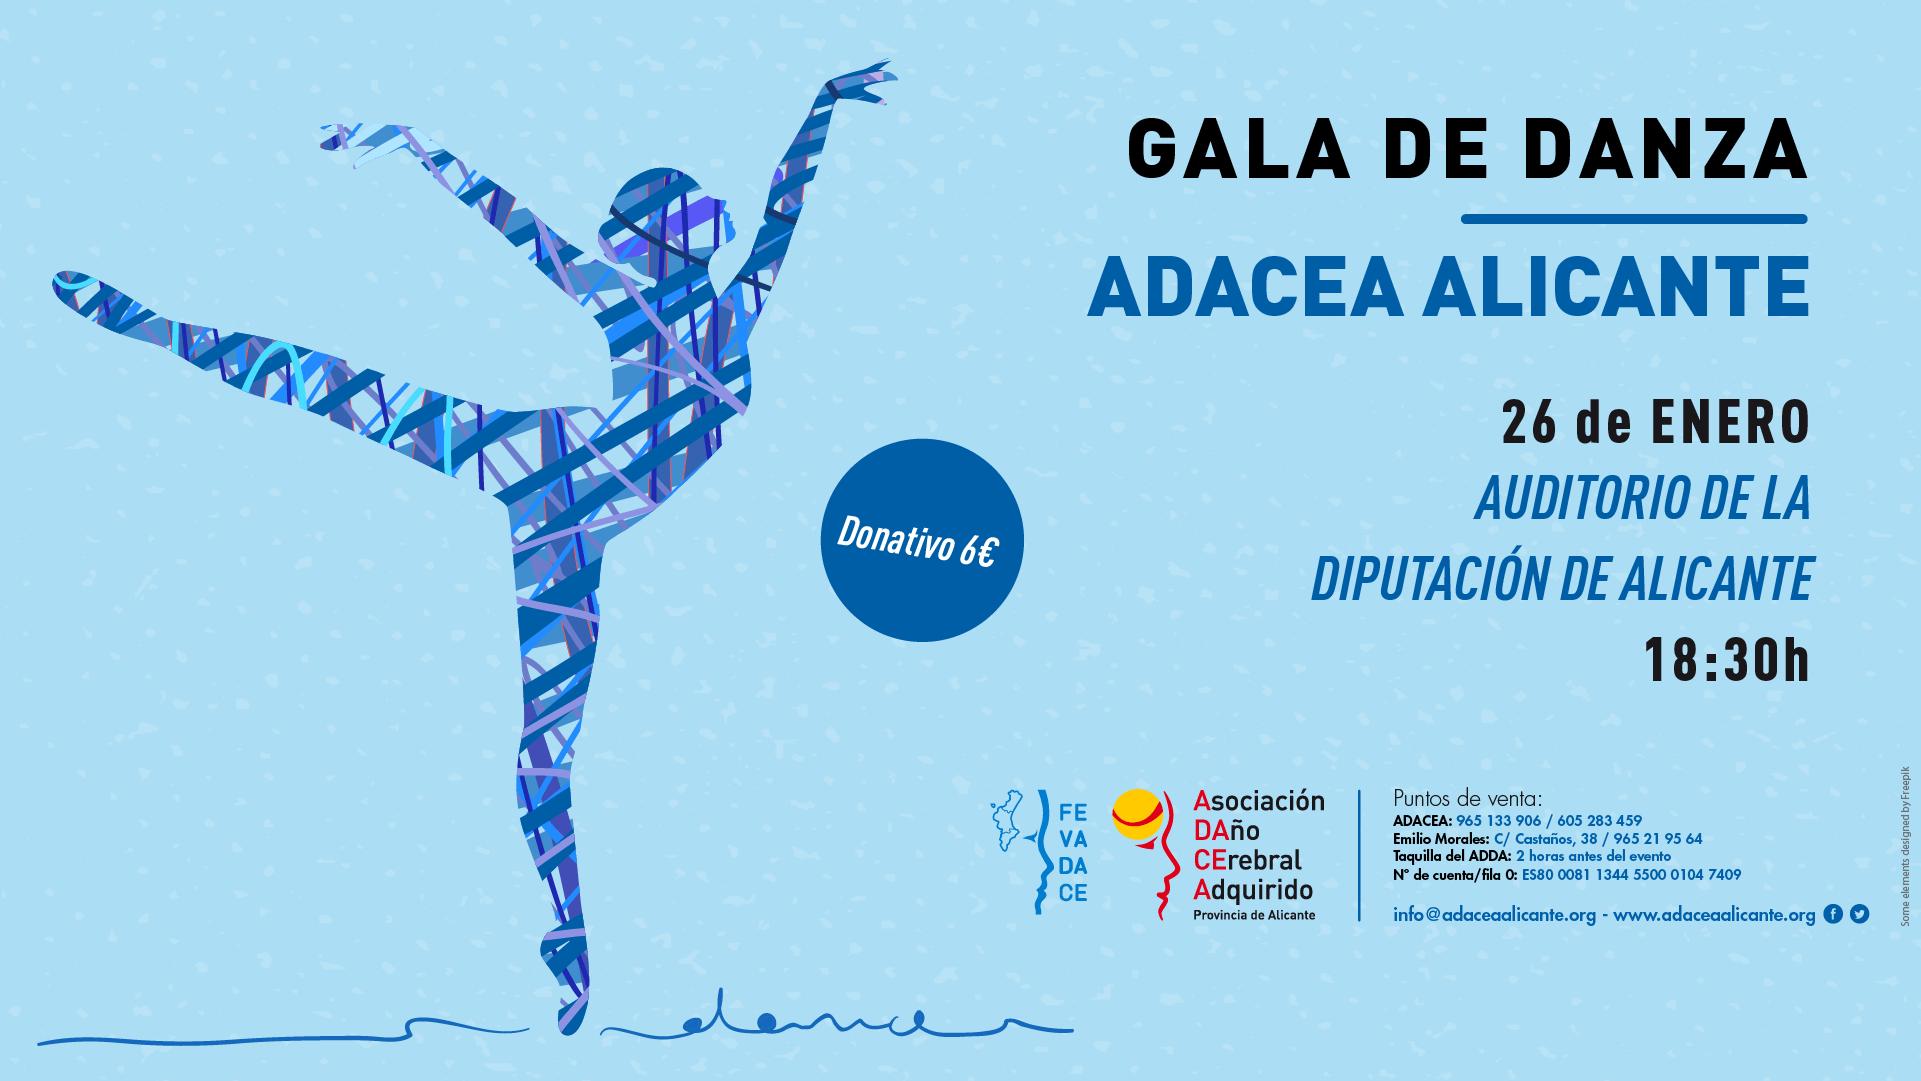 Gala de Danza Solidaria de ADACEA Alicante